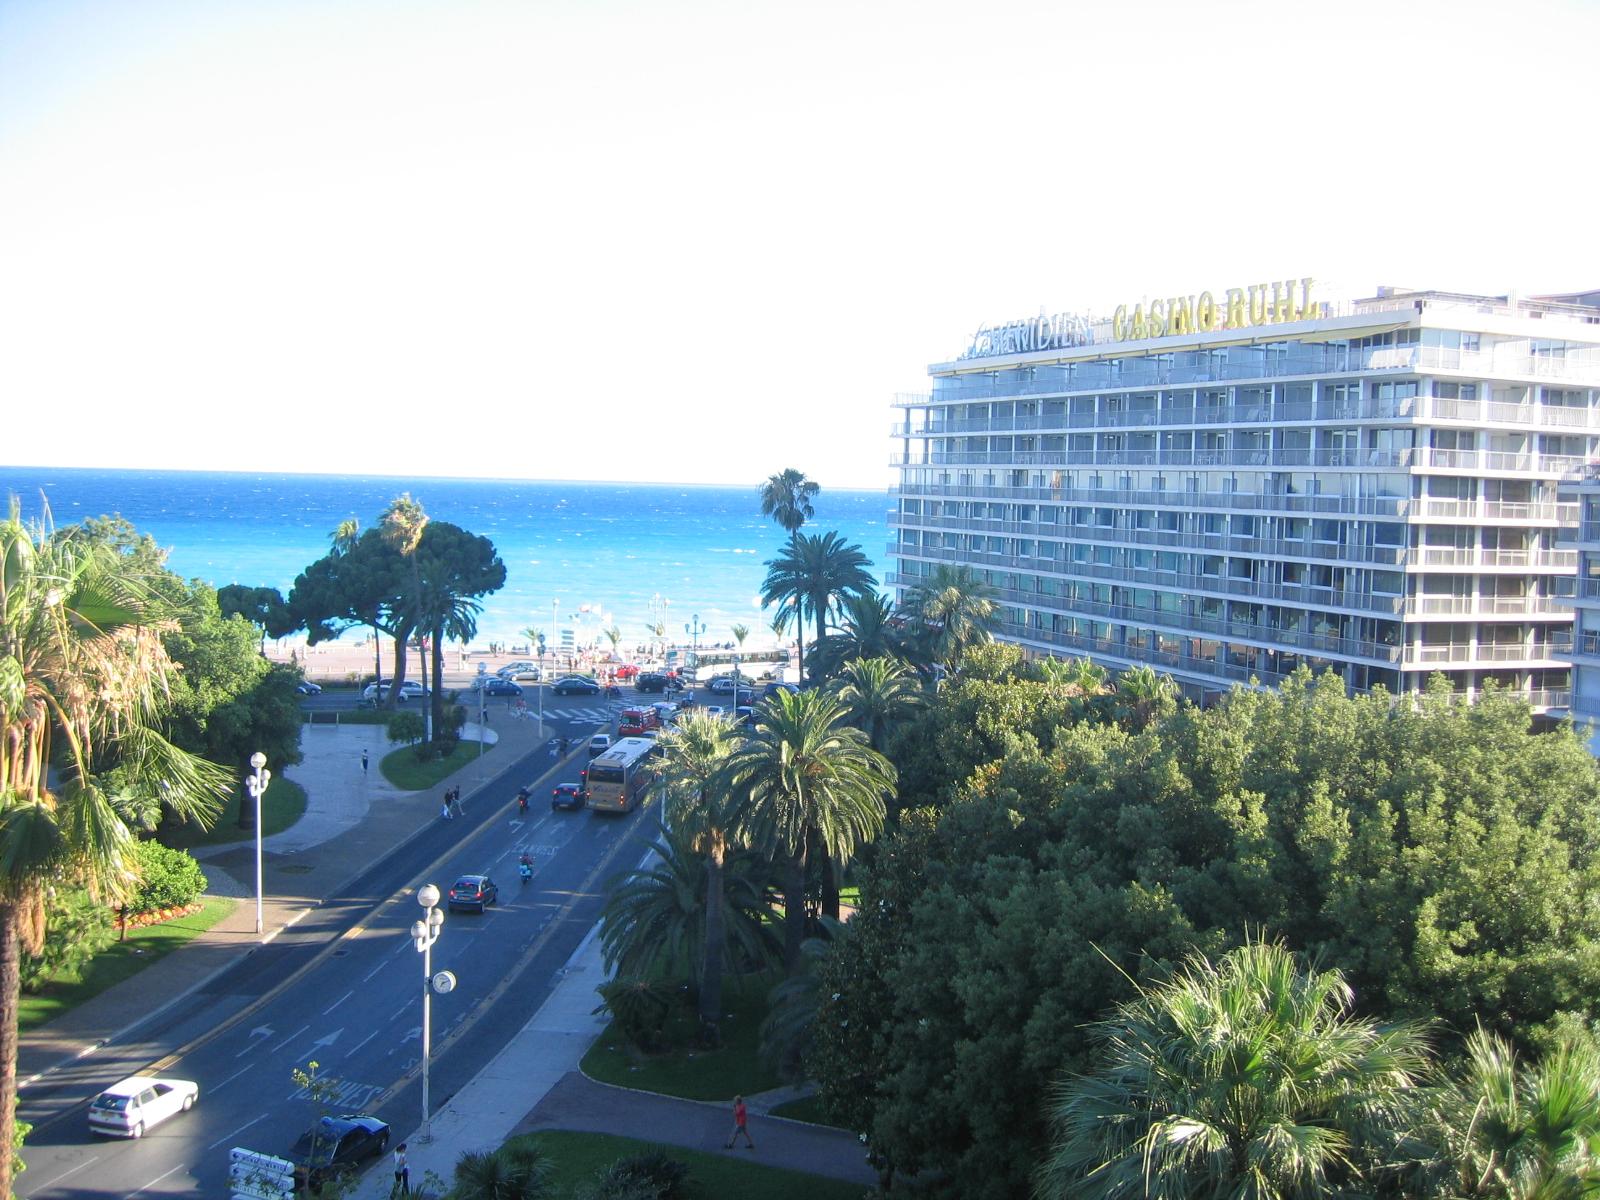 La Meridien Hotel